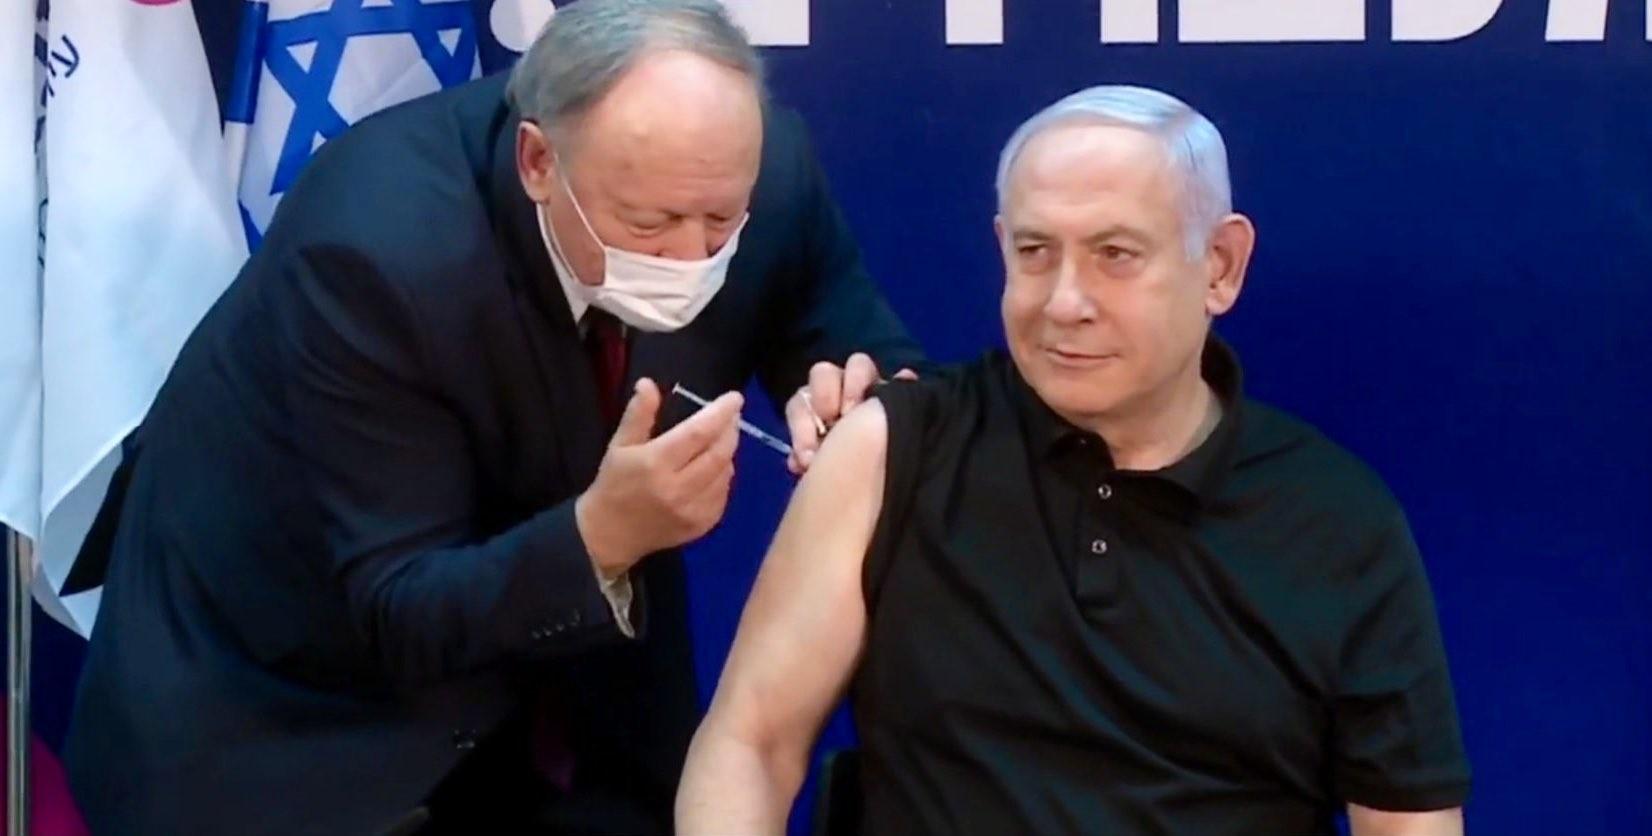 İsrail Başbakanı Netanyahu canlı yayında korona virüs aşısı oldu